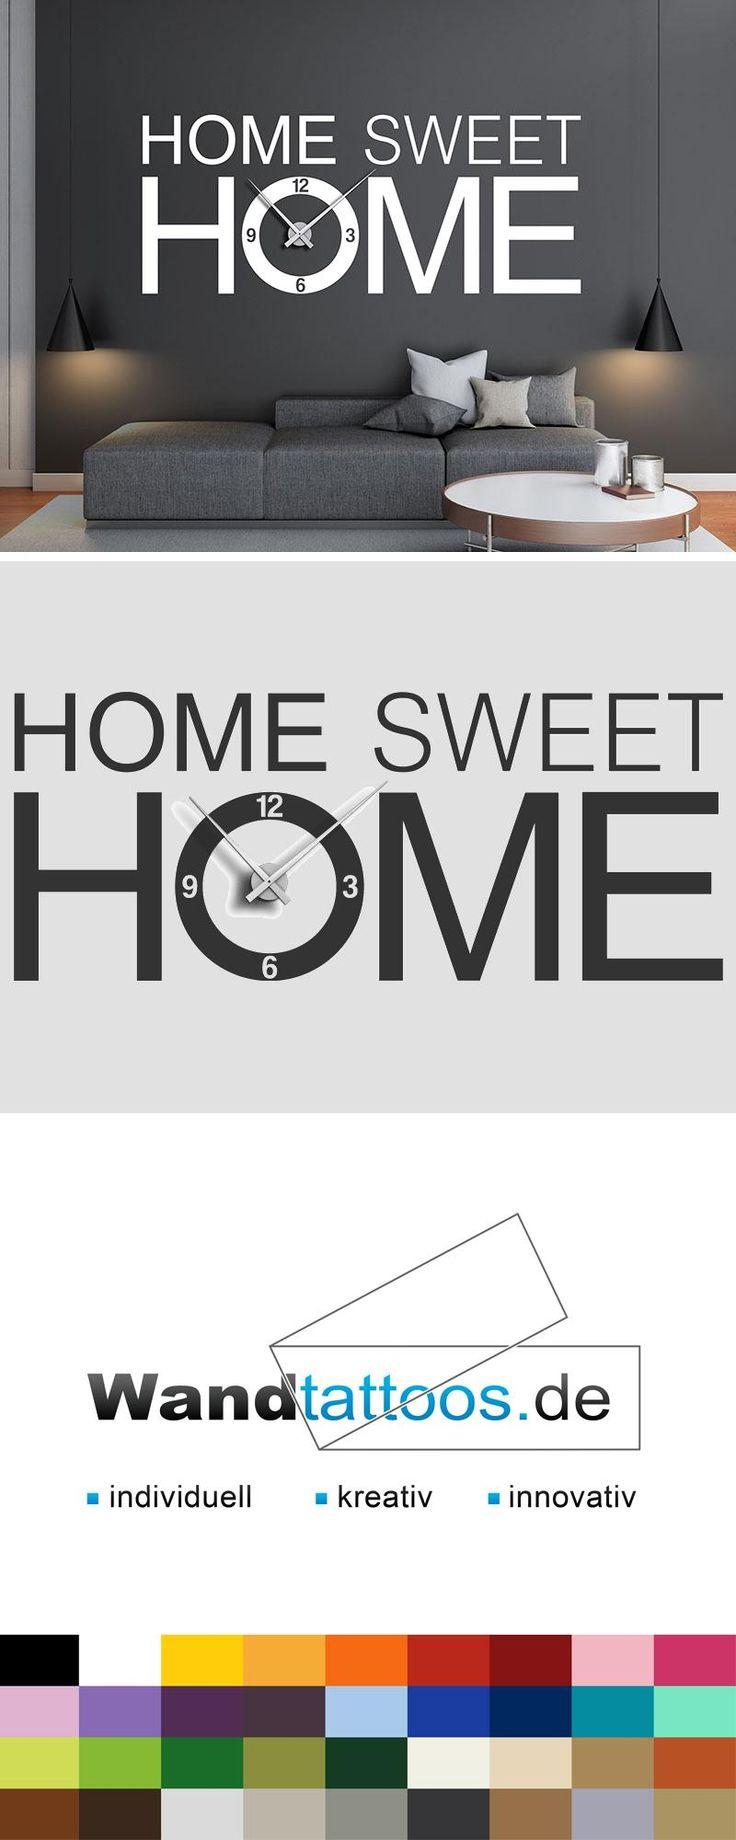 Wandtattoo Uhr Sweet home als Idee zur individuellen Wandgestaltung. Einfach Lieblingsfarbe und Größe auswählen. Weitere kreative Anregungen von Wandtattoos.de hier entdecken!